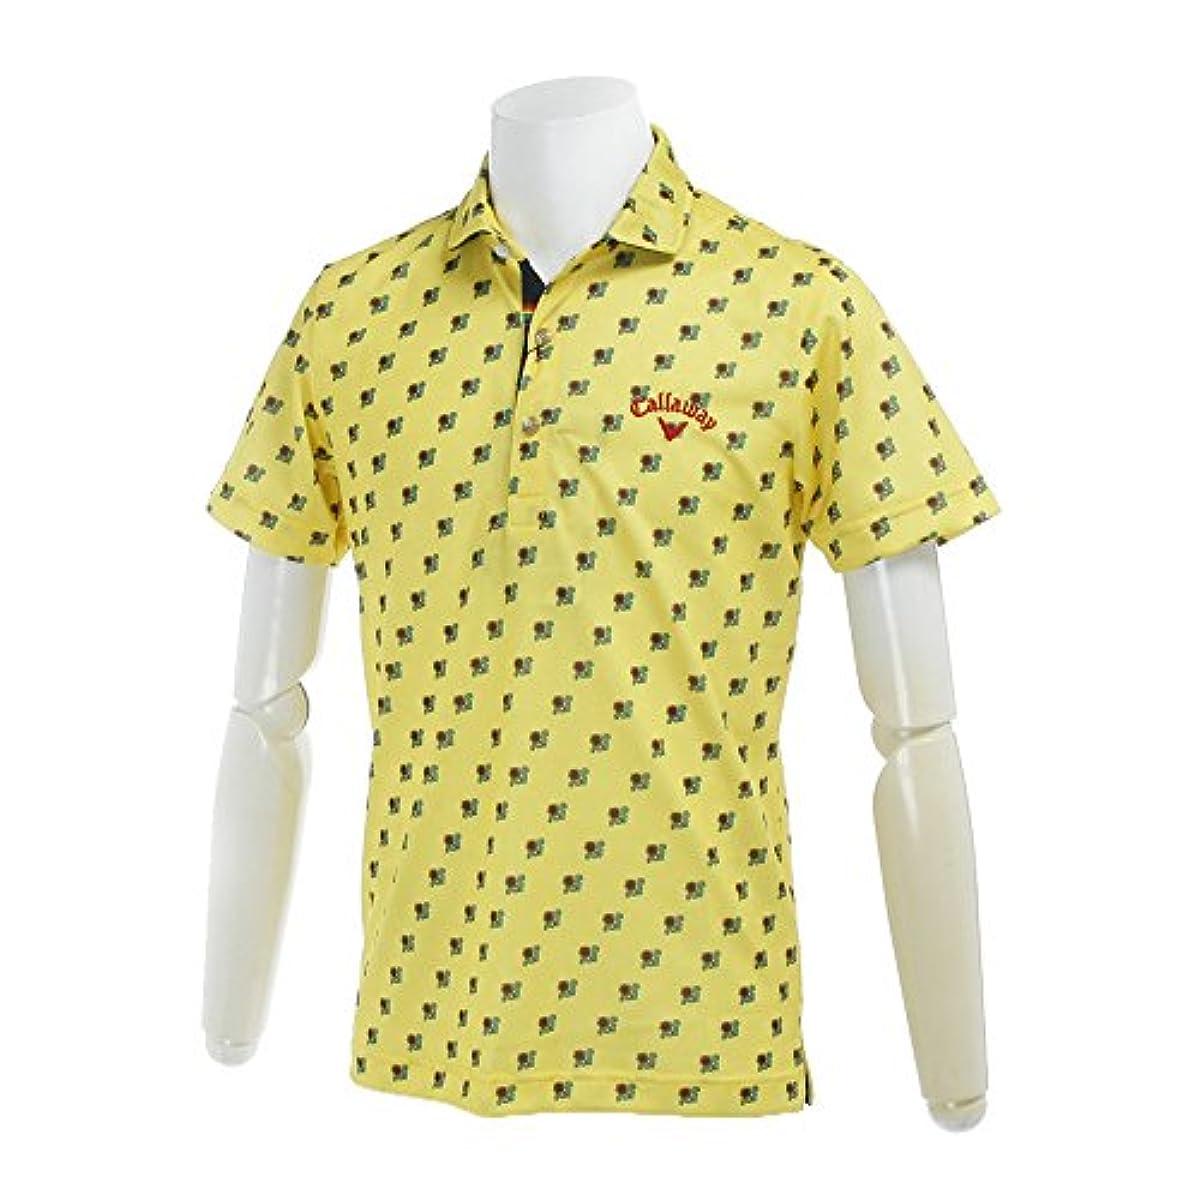 [해외] (캘러웨이 어패럴)CALLAWAY APPAREL< メンズ > 속건반소매 폴로 셔츠 (프린트) 골프 웨어 241-7157521